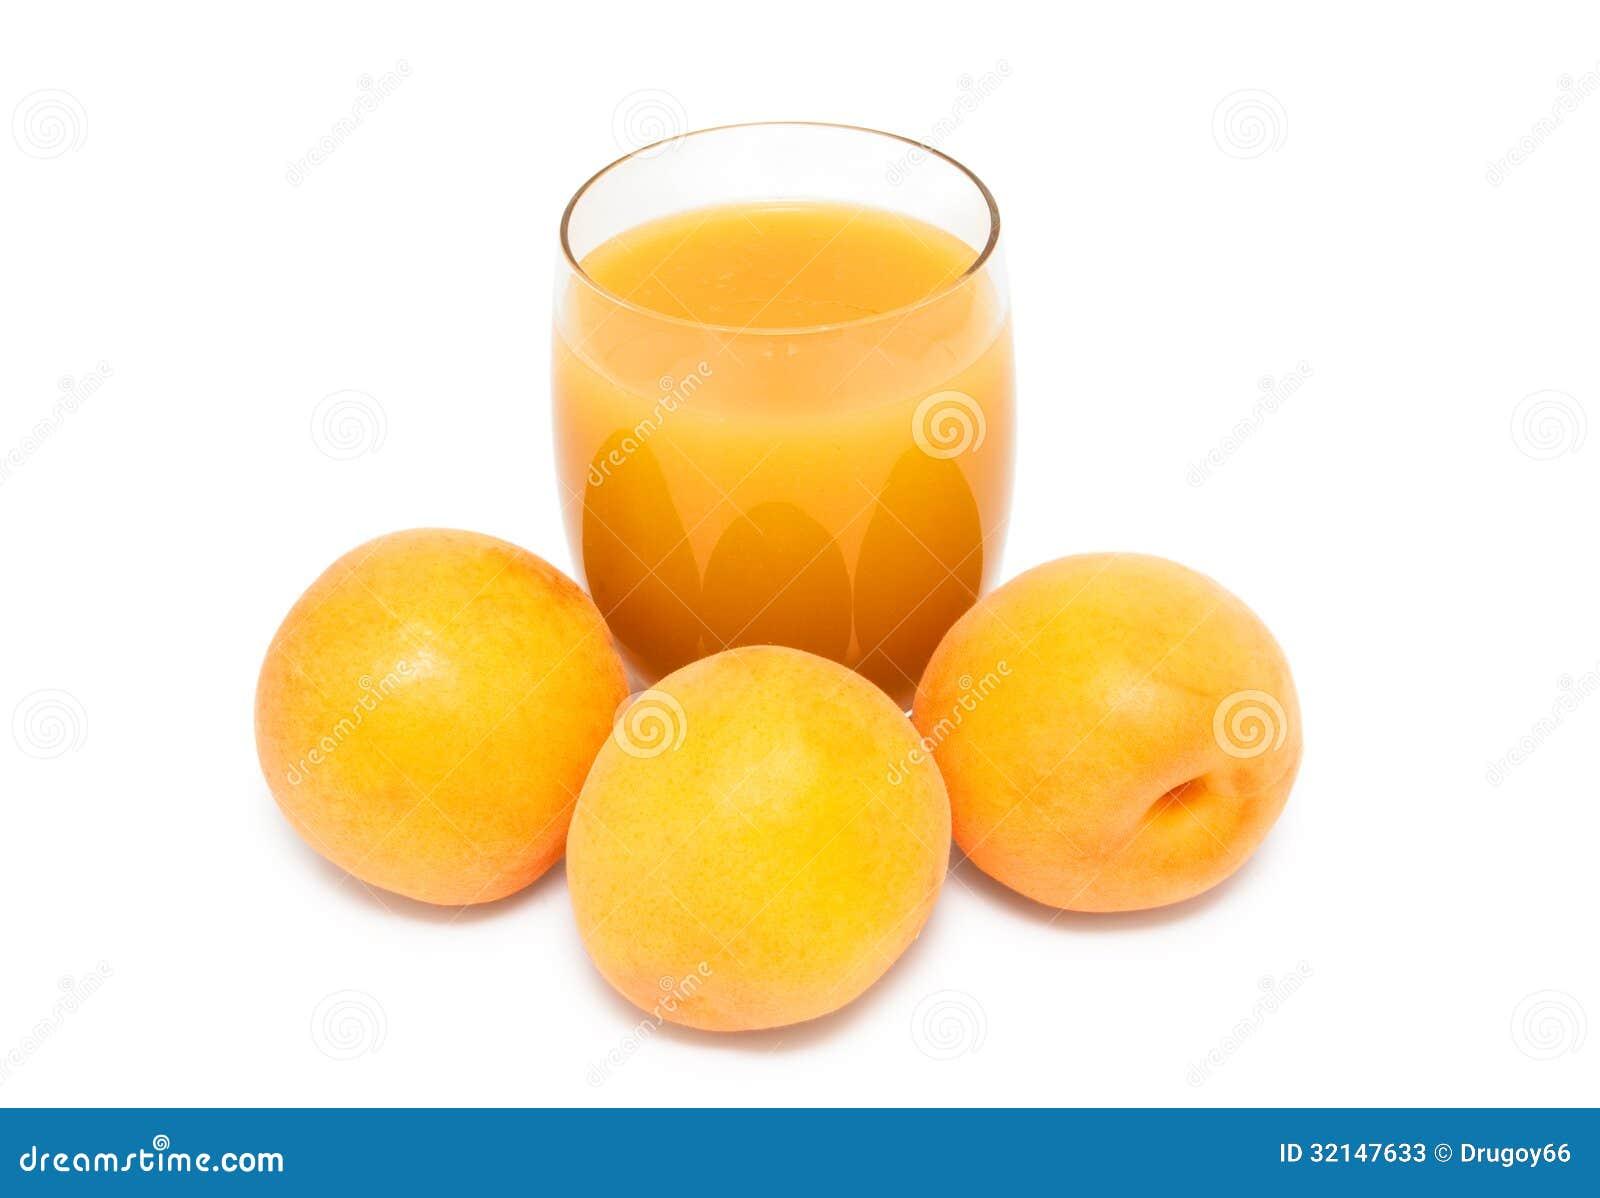 Peach Juice Stock Photos - Image: 32147633